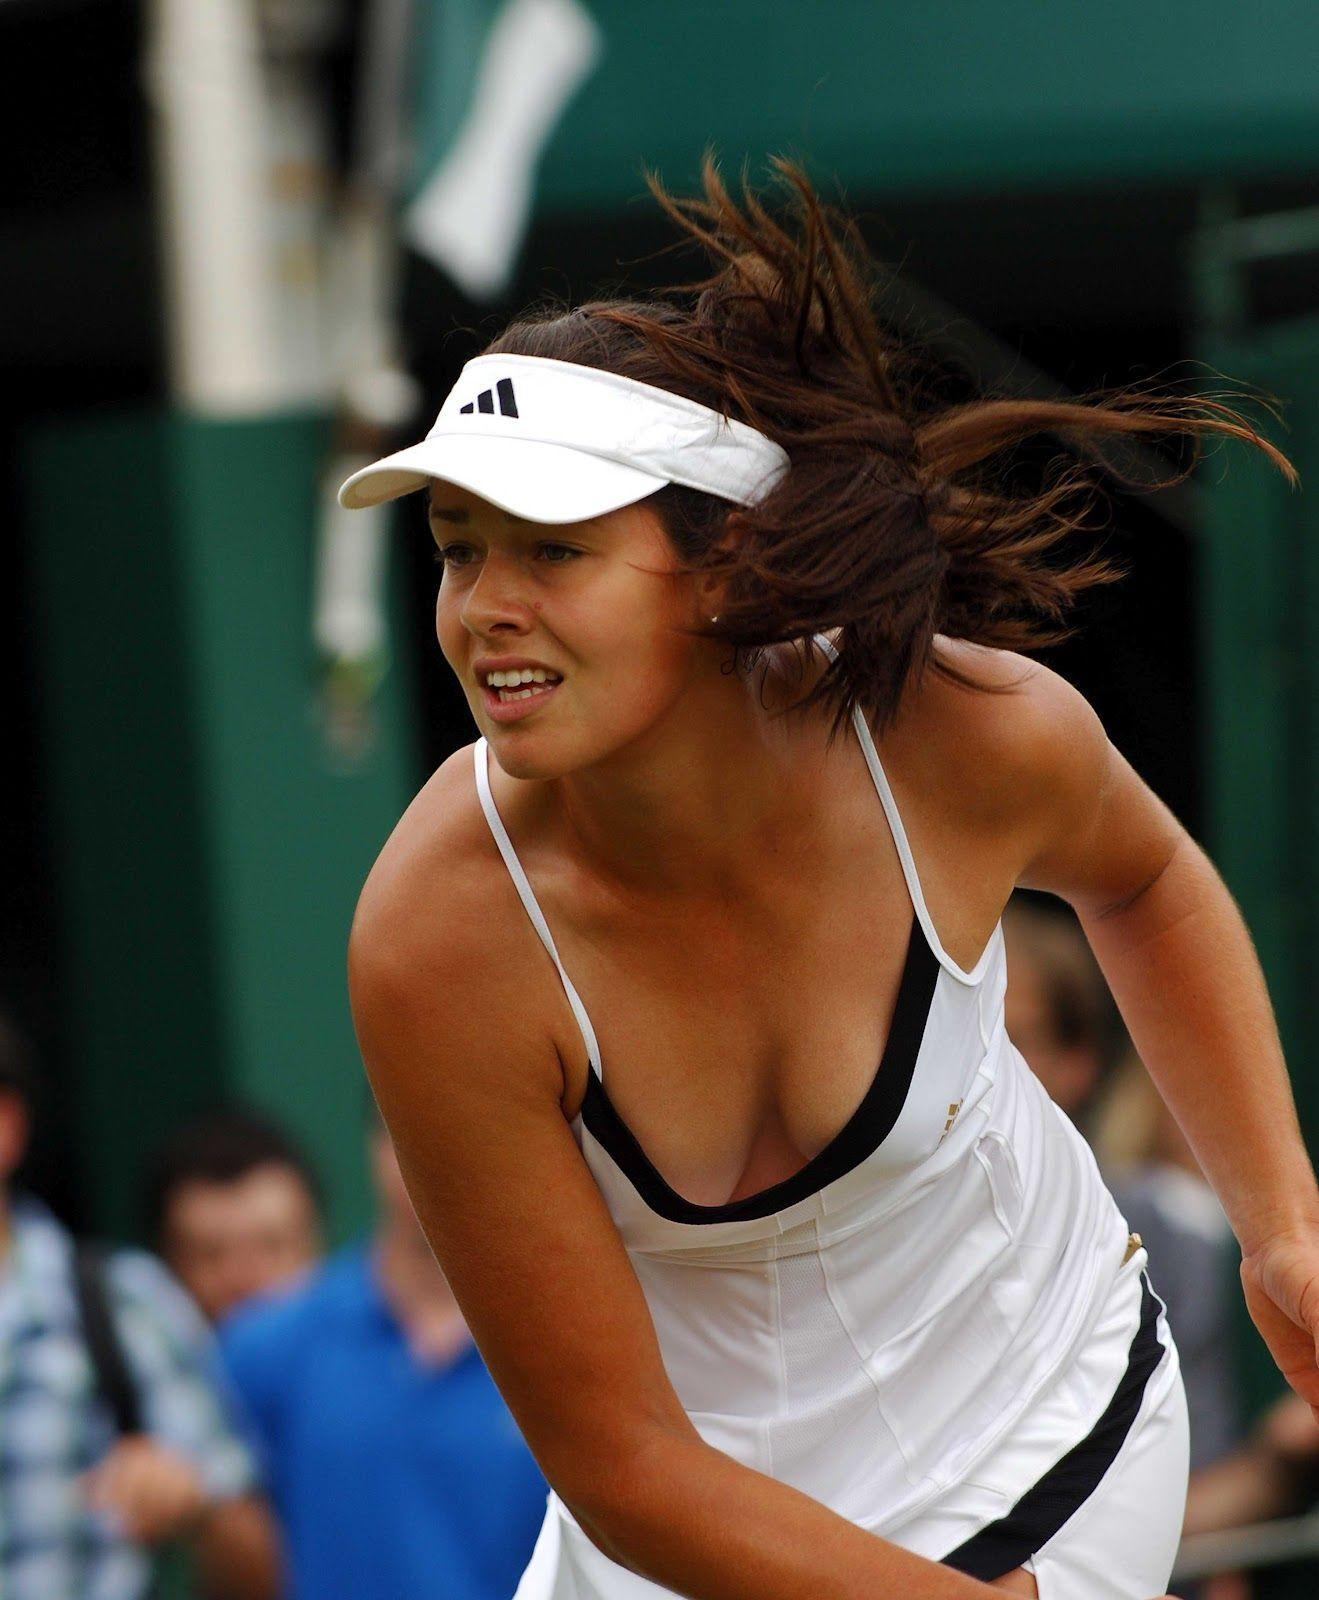 Ana Ivanovic Tennis players female, Ana ivanovic tennis